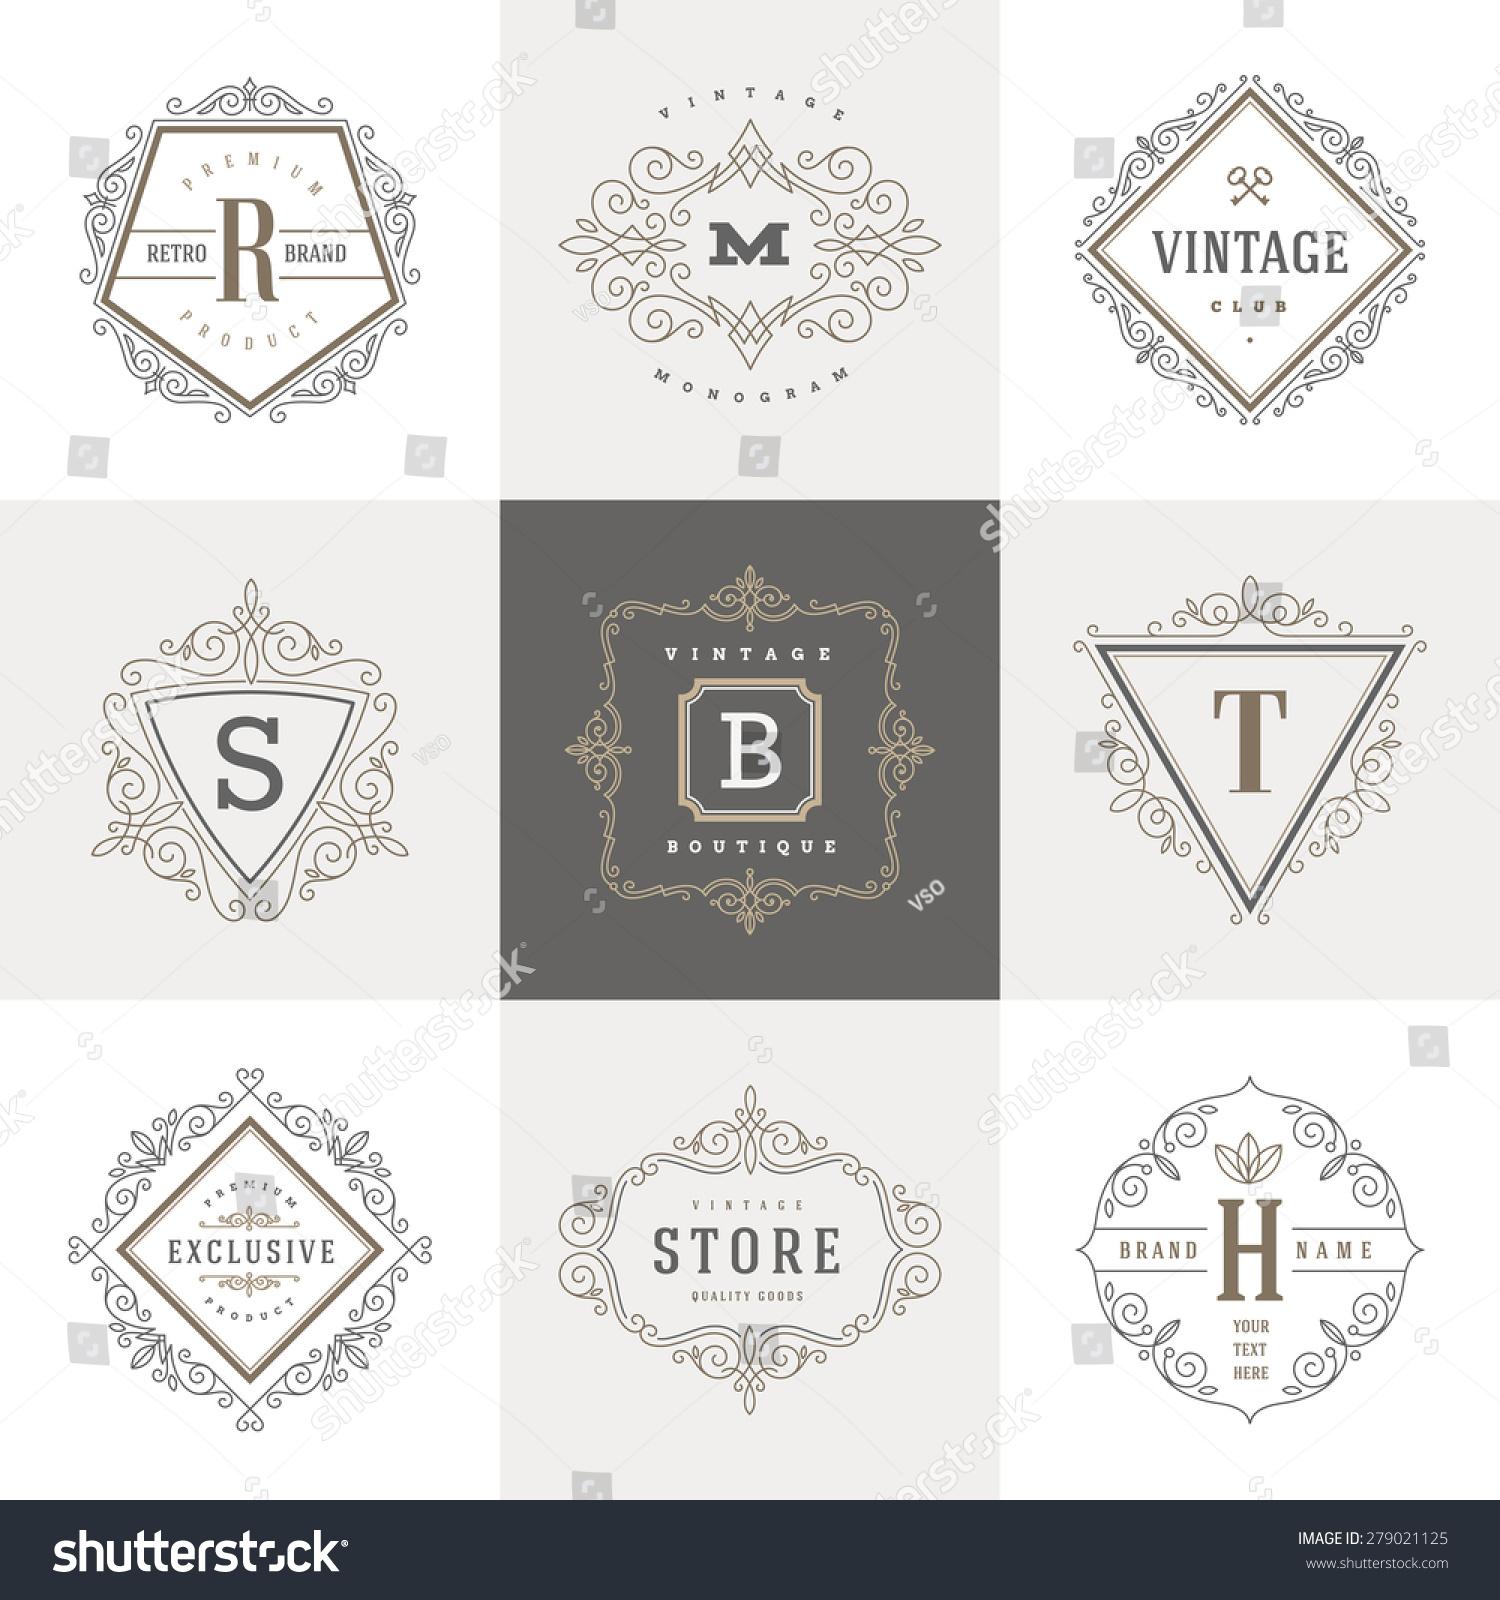 Monogram Logo Template Flourishes Calligraphic Elegant Stock ...